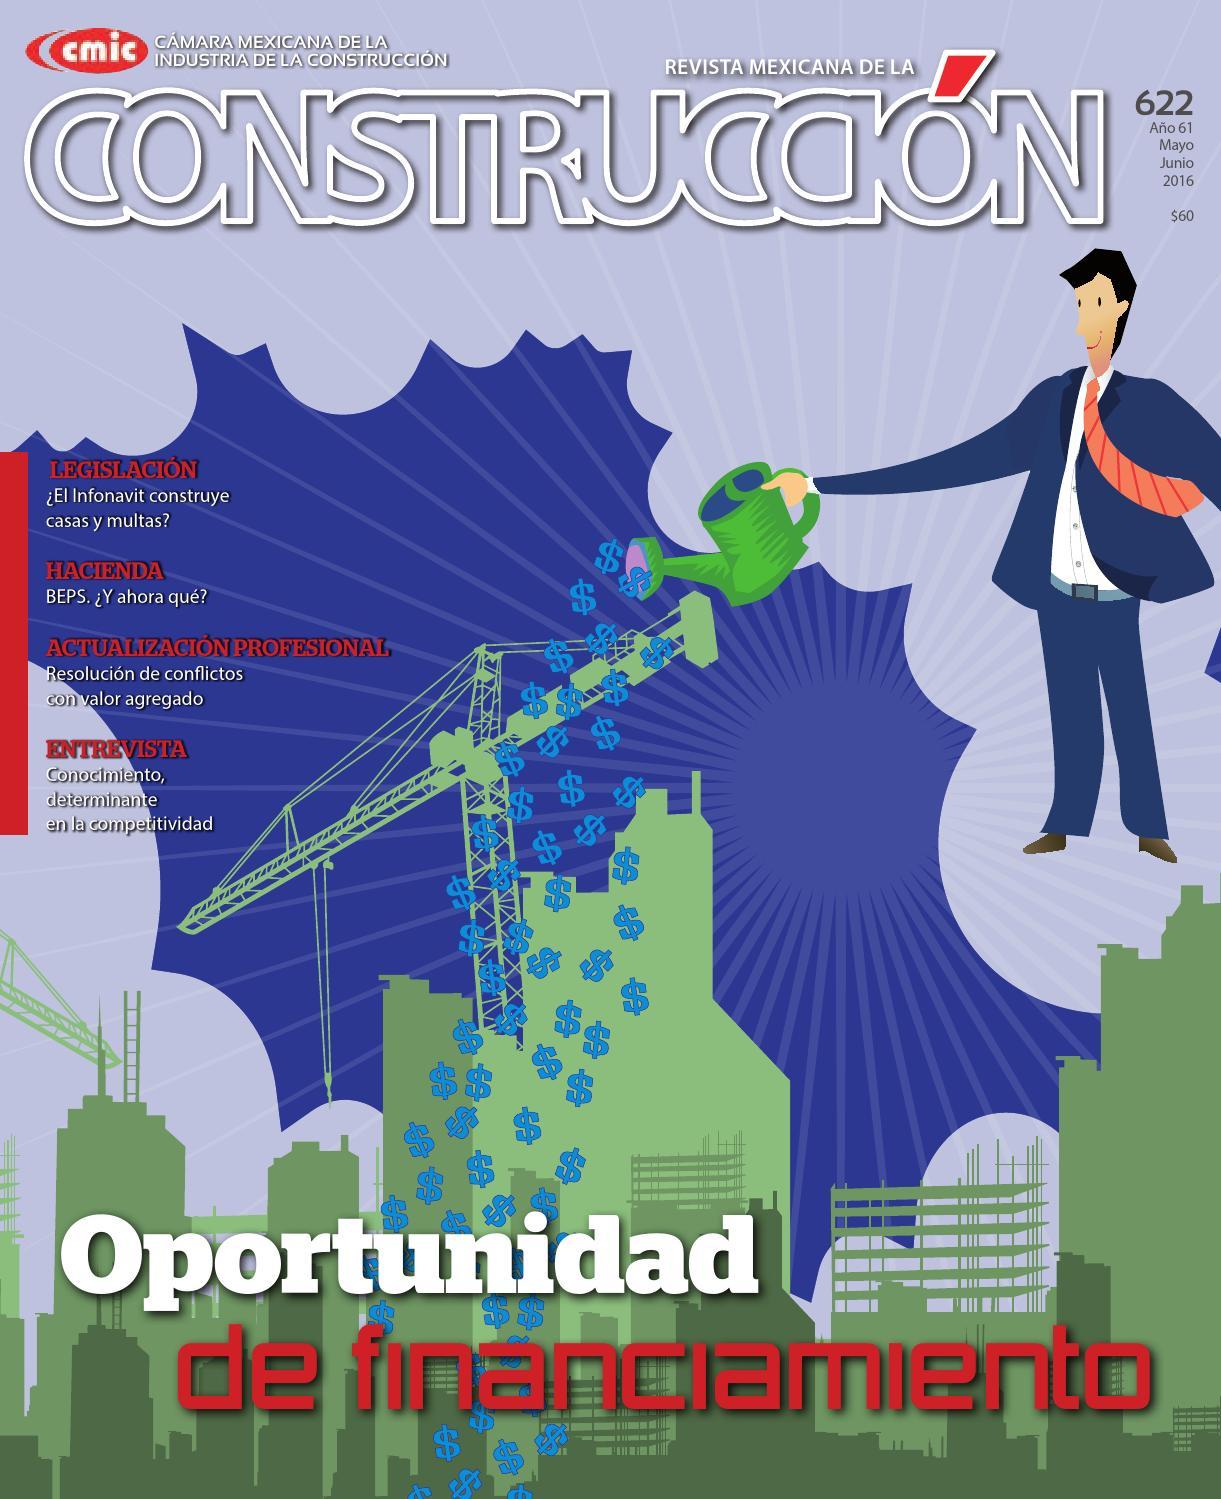 Revista Mexicana de la Construcción RMC 622 Mayo-Junio 2016 by ...